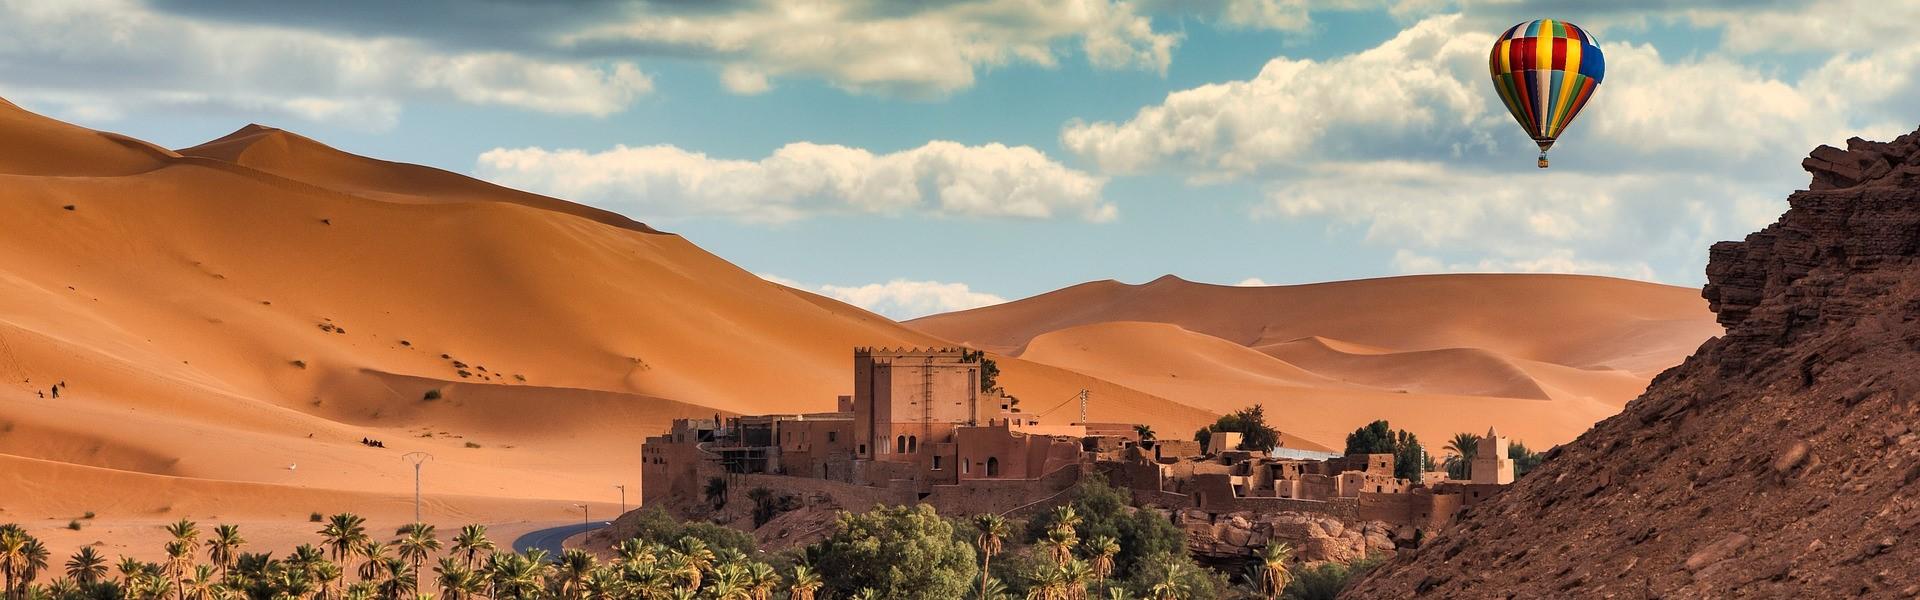 Algeria - il deserto più bello del mondo